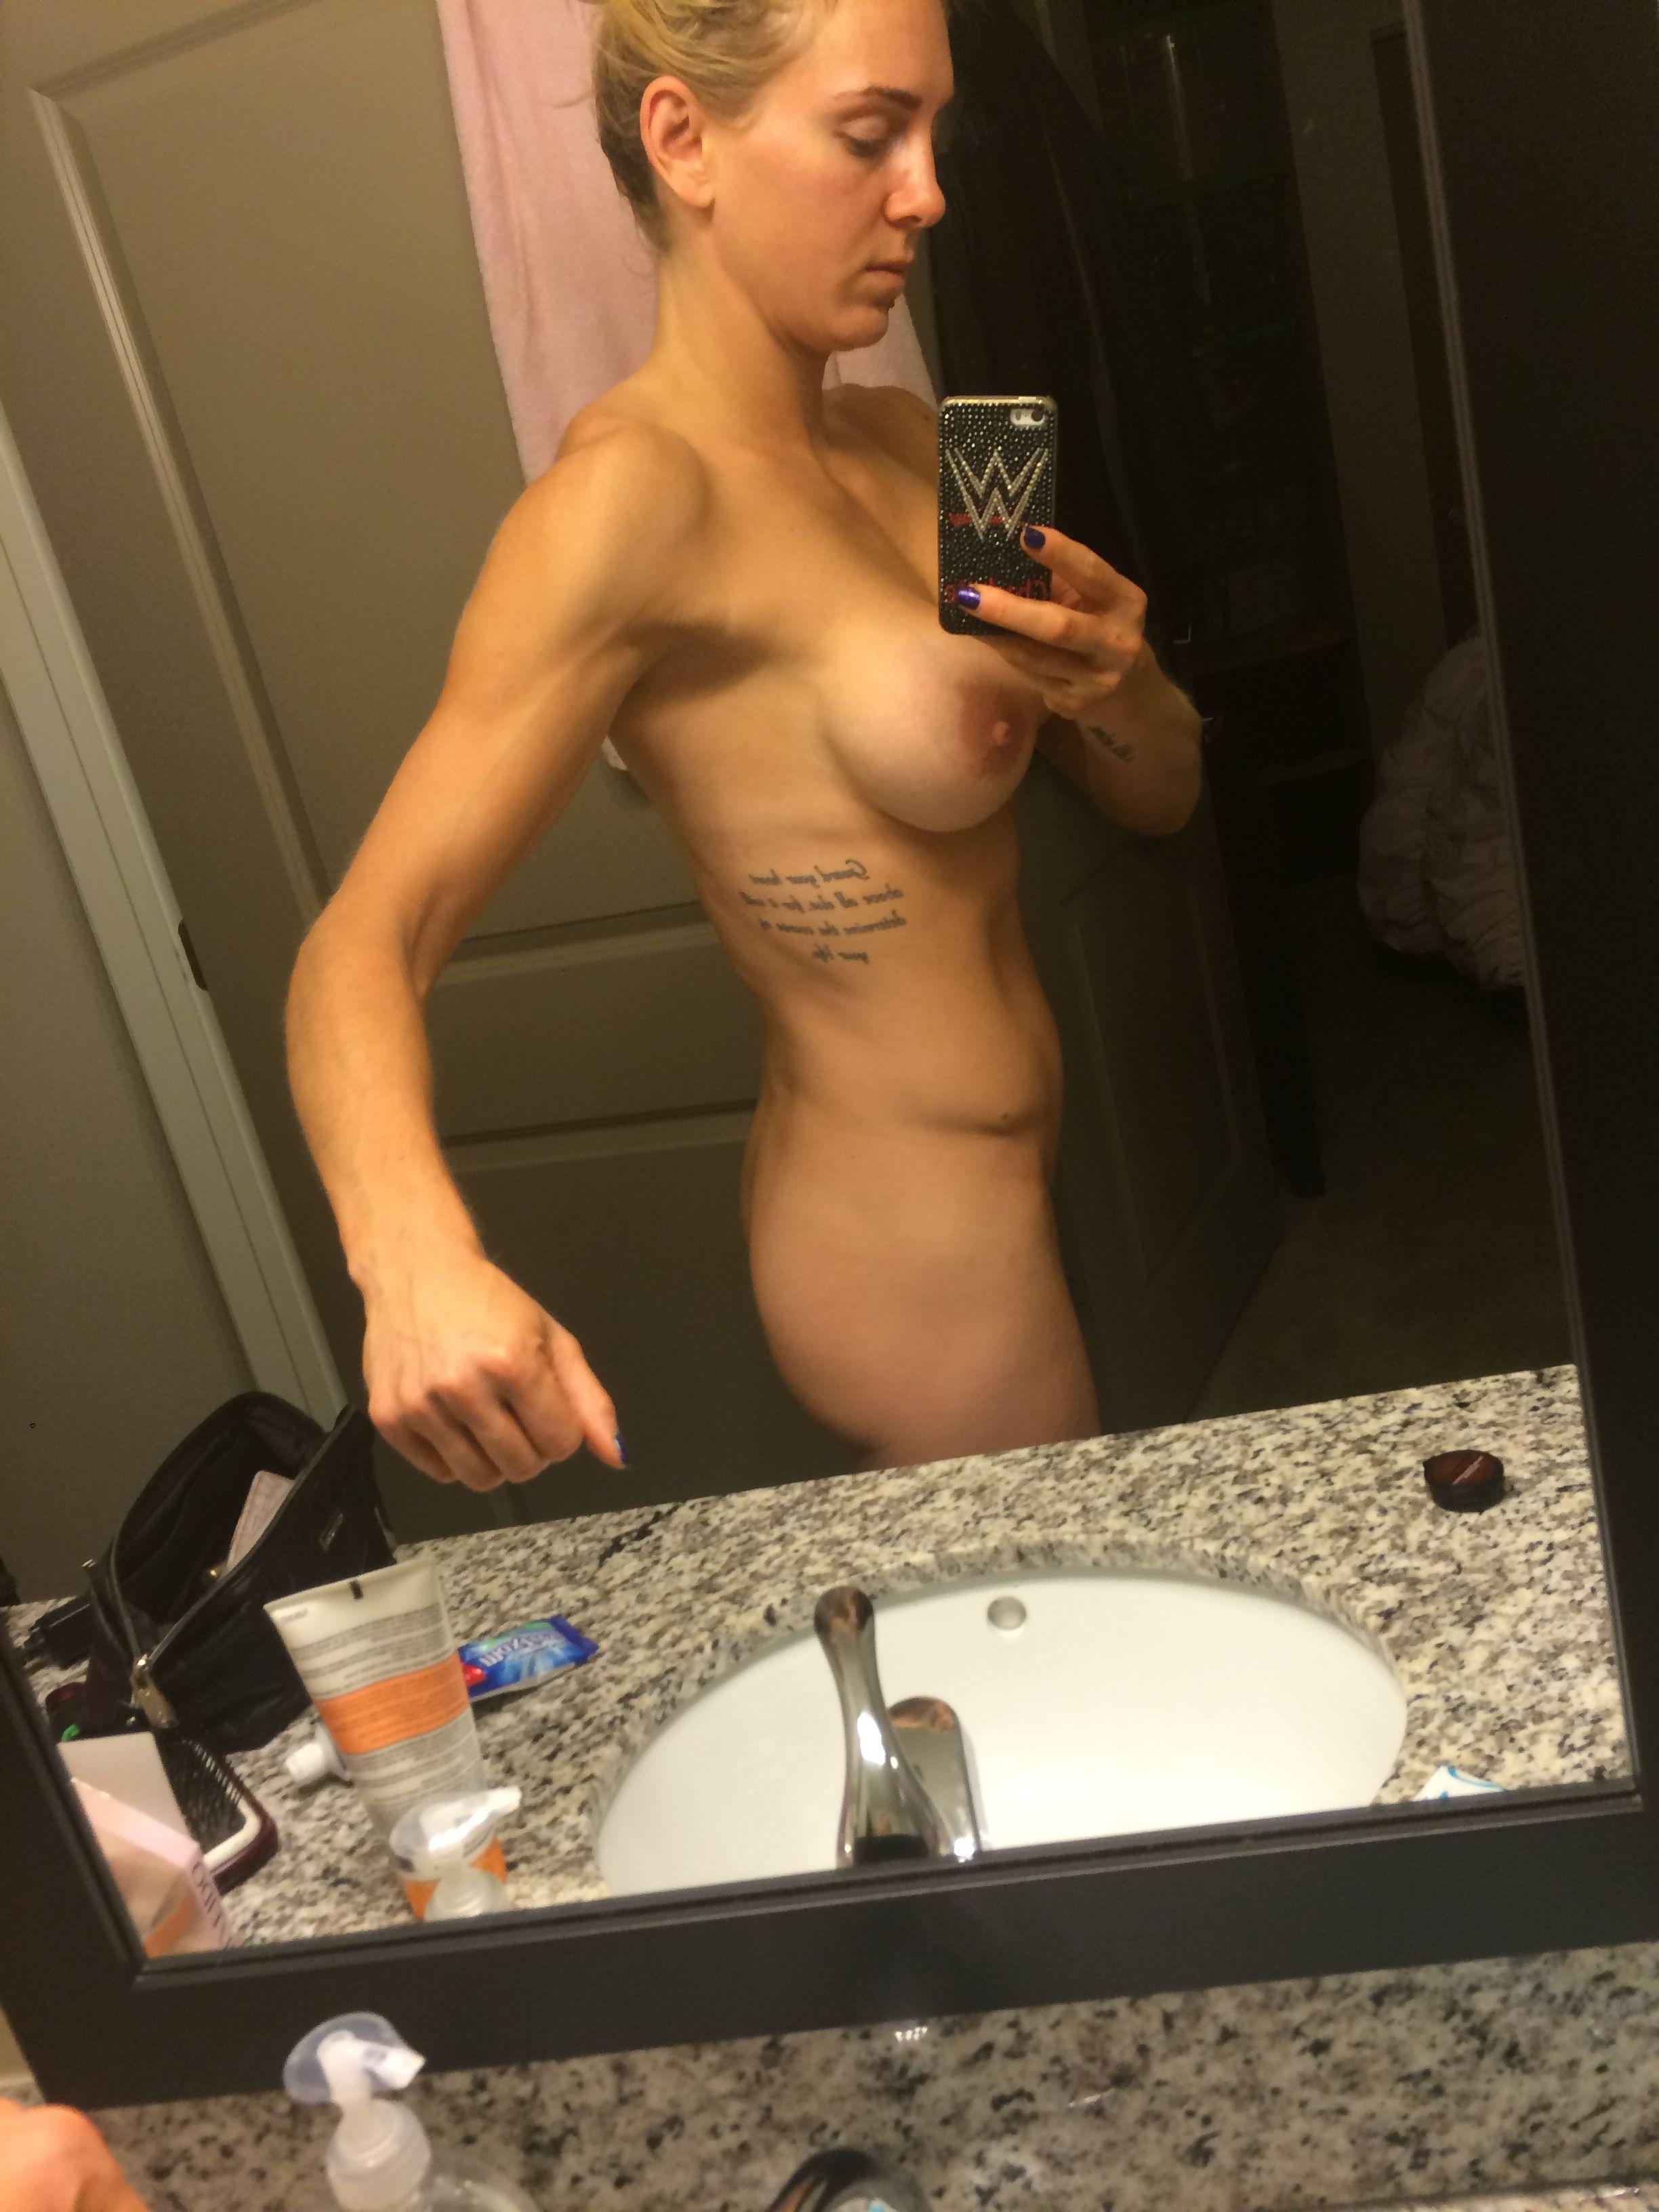 leaked nudes